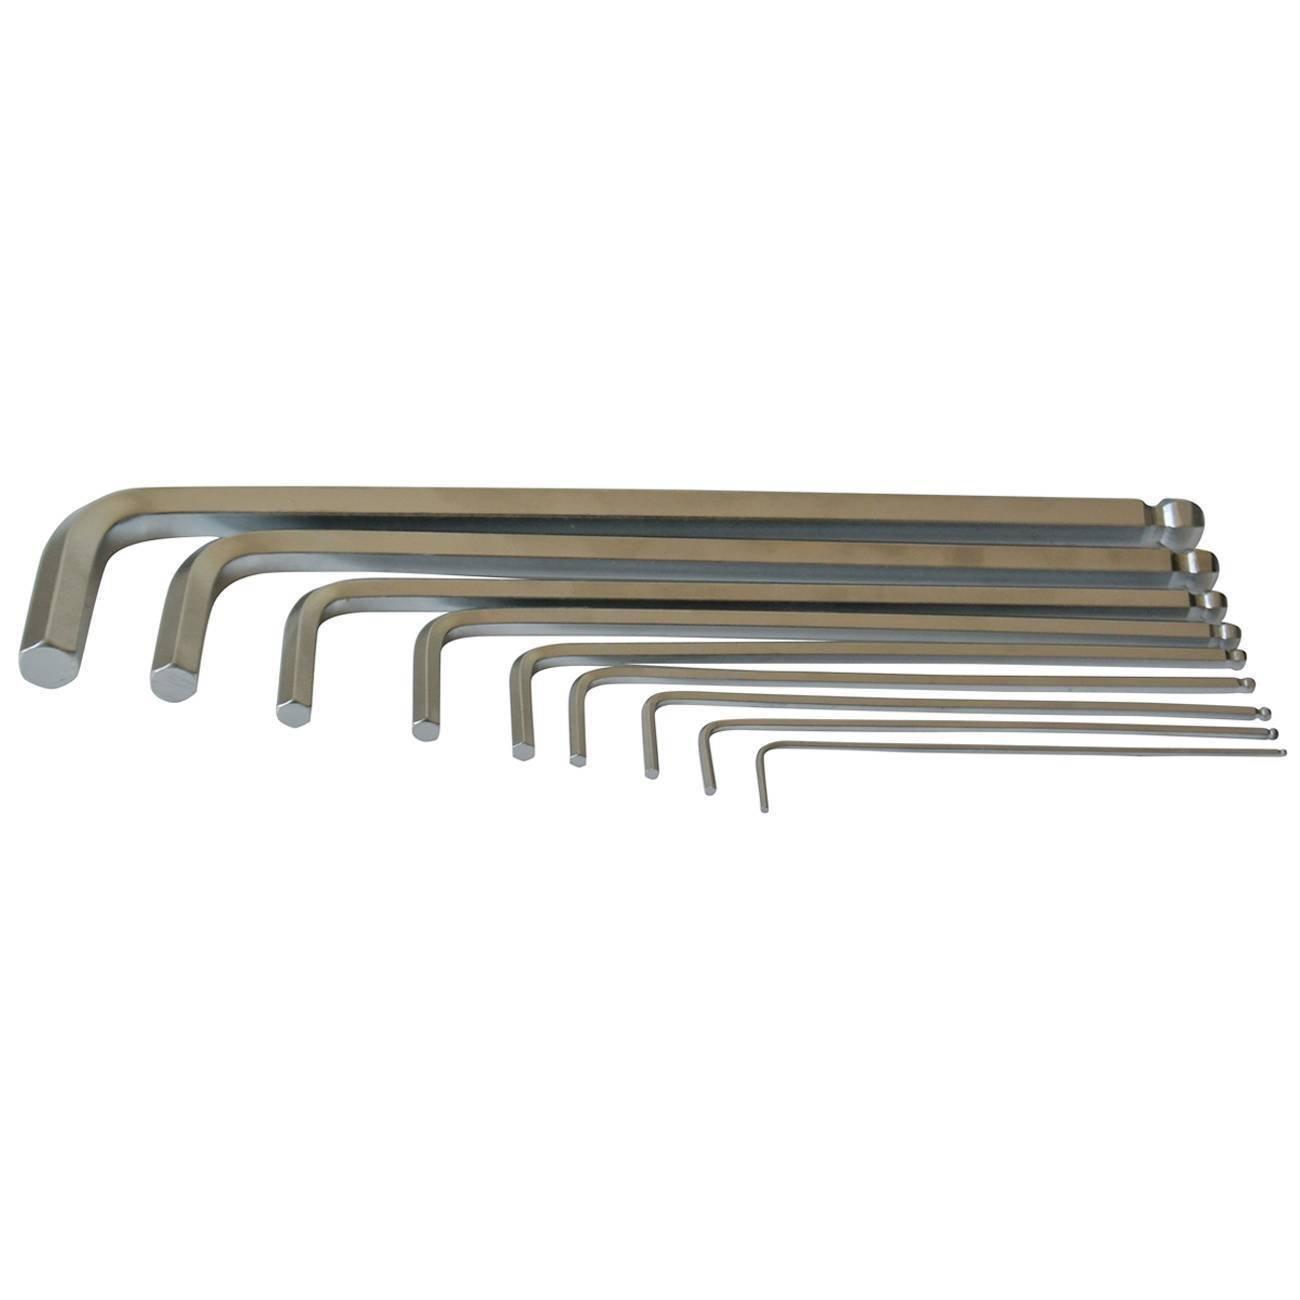 10 mm Ball End Allen Hex Key Set 9 St/ücke Metrisches Innensechskantschl/üssel Satz mit Kugelkopf 1,5 mm